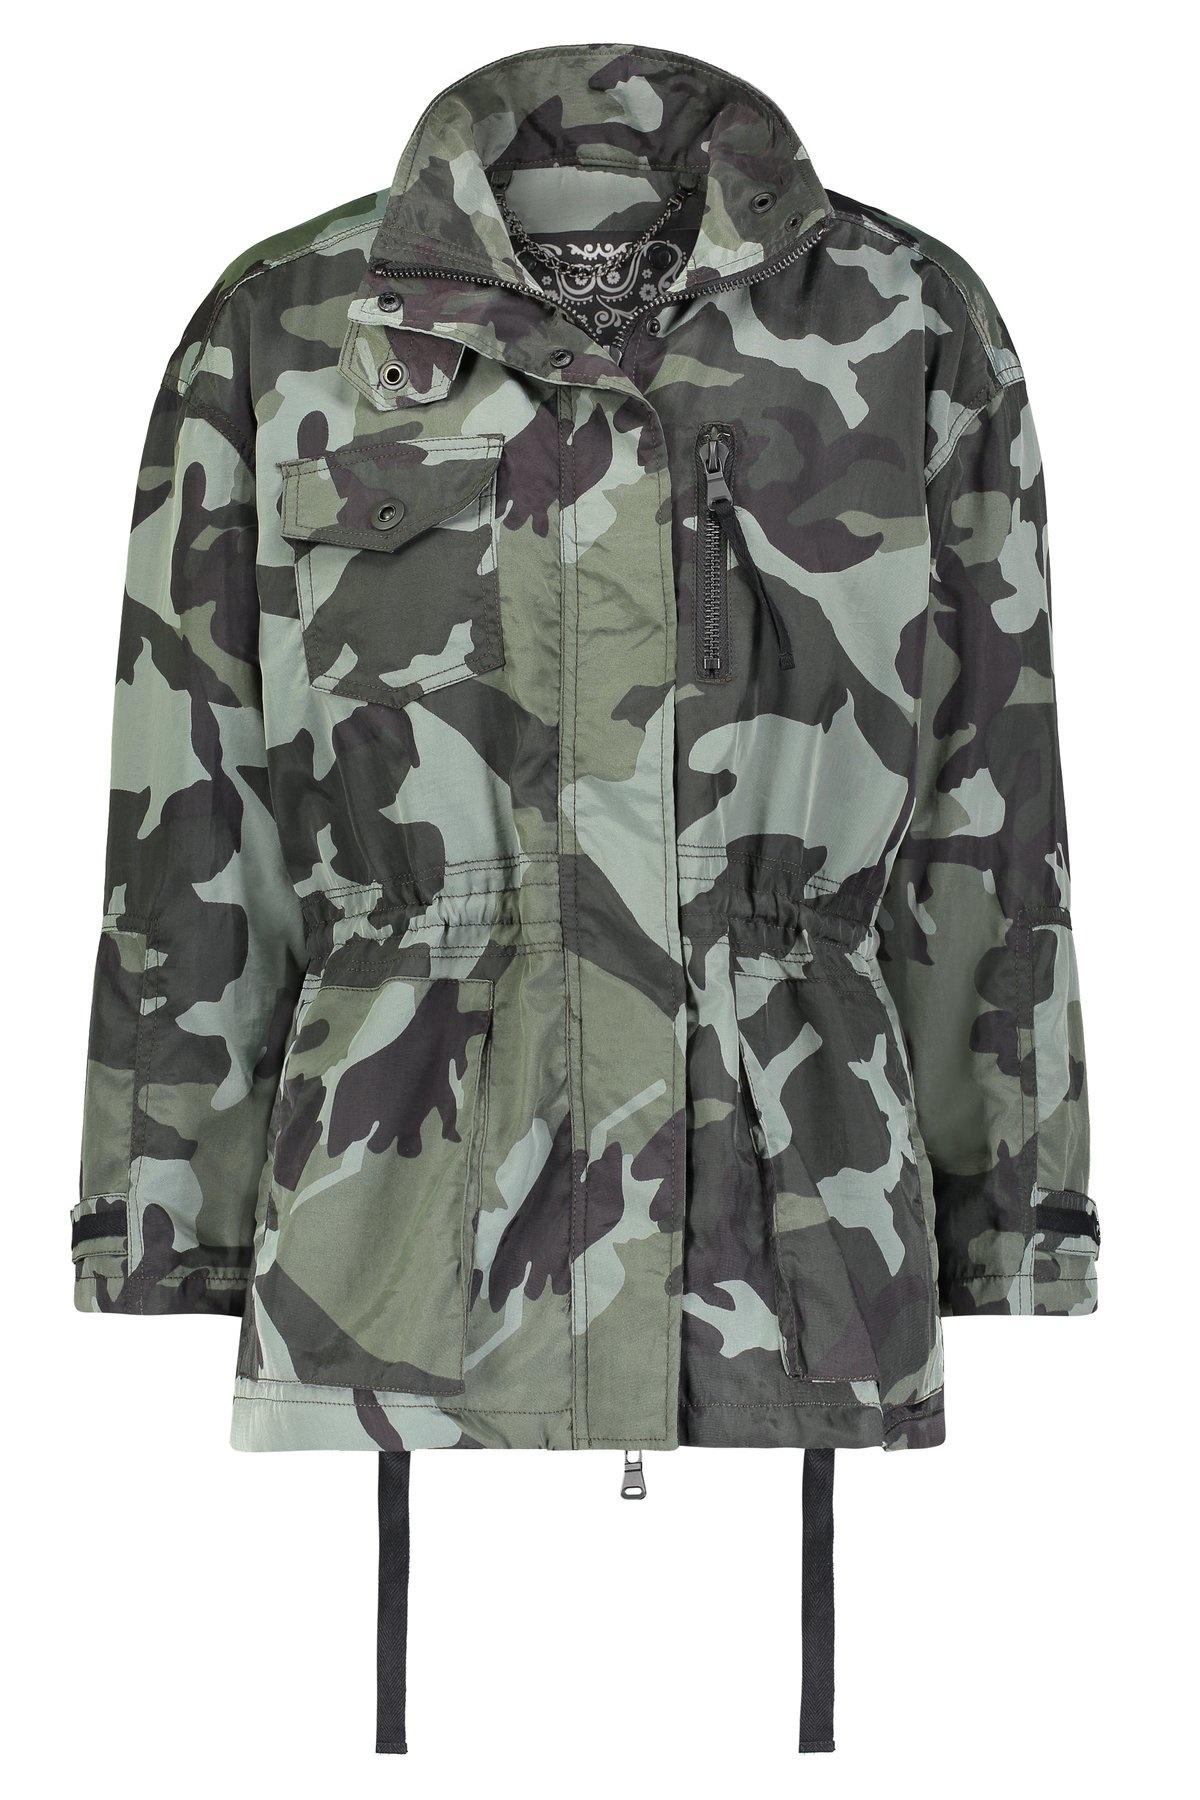 Anorak Jody Camo Anorak Jacket